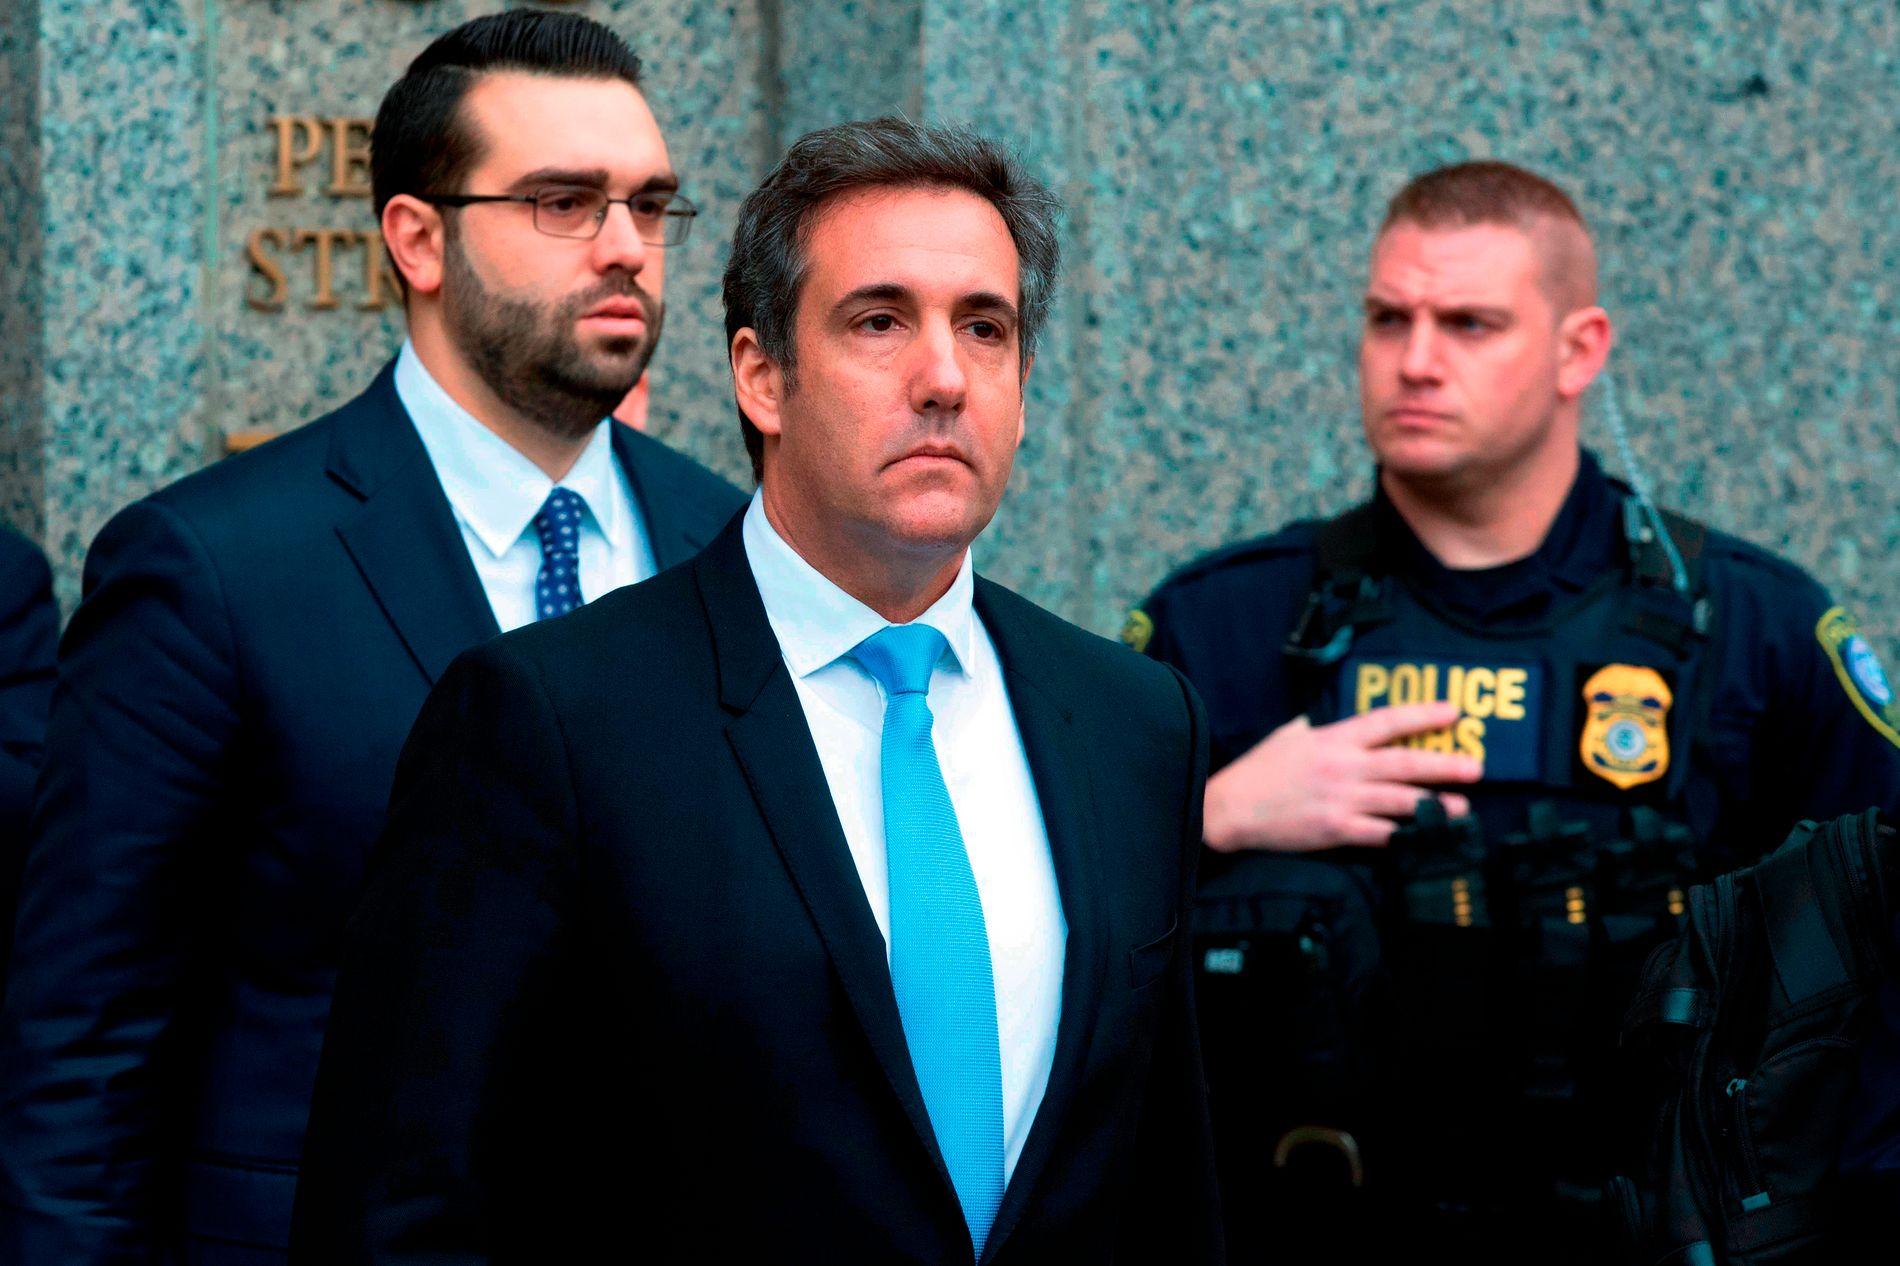 Michael Cohen, privatadvokaten til president Donald Trump, på vei ut fra en domstol i New York tidligere i april.  Foto: Mary Altaffer / AP / NTB scanpix